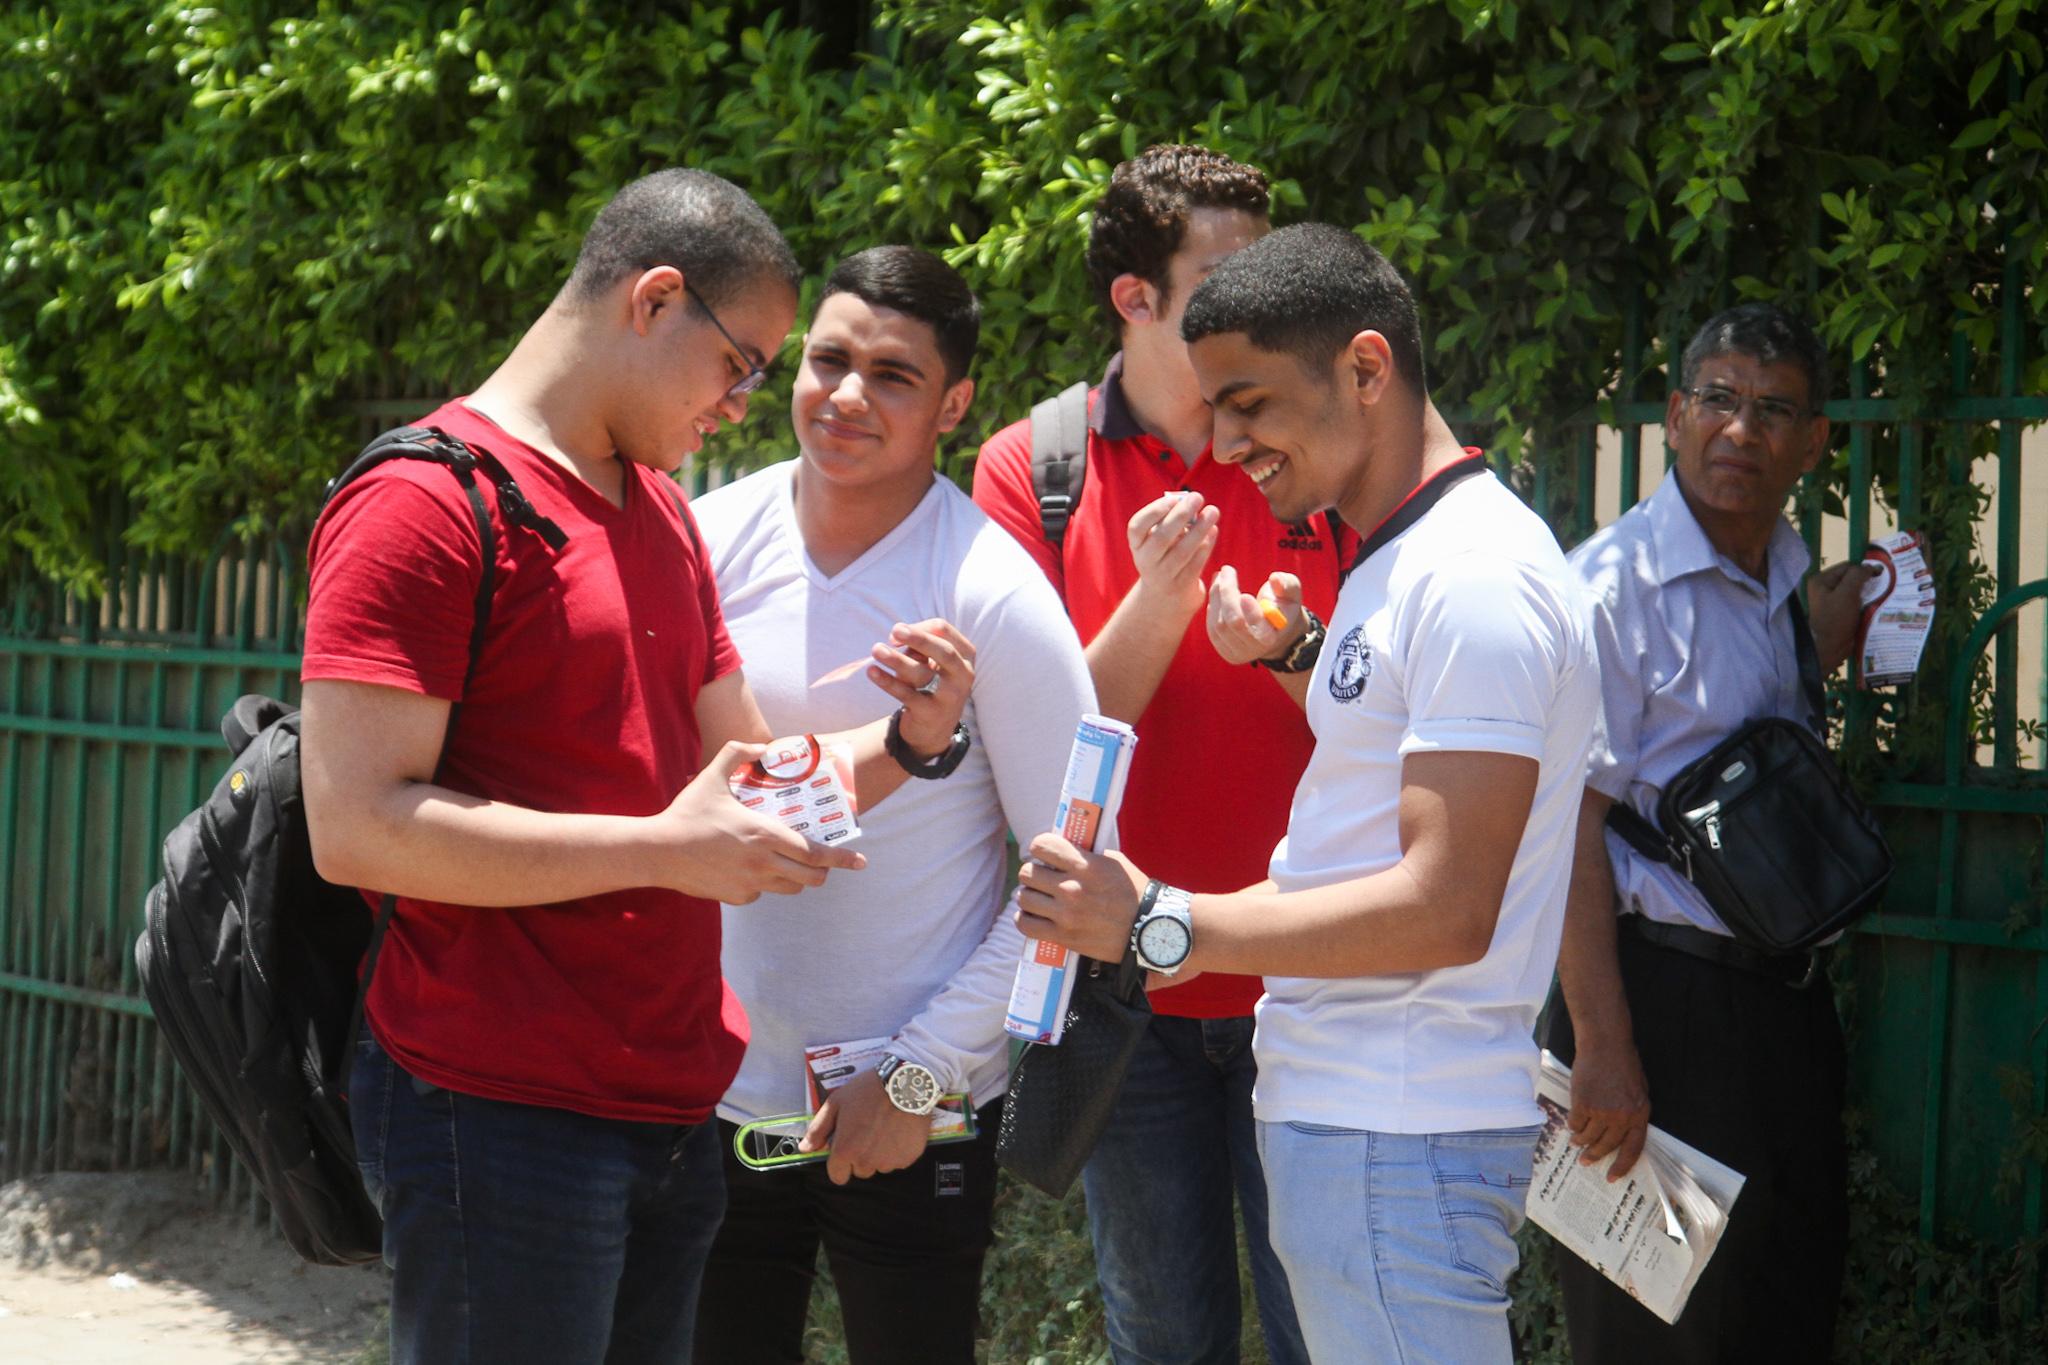 خروج الطلبة مبتسمين من الامتحان